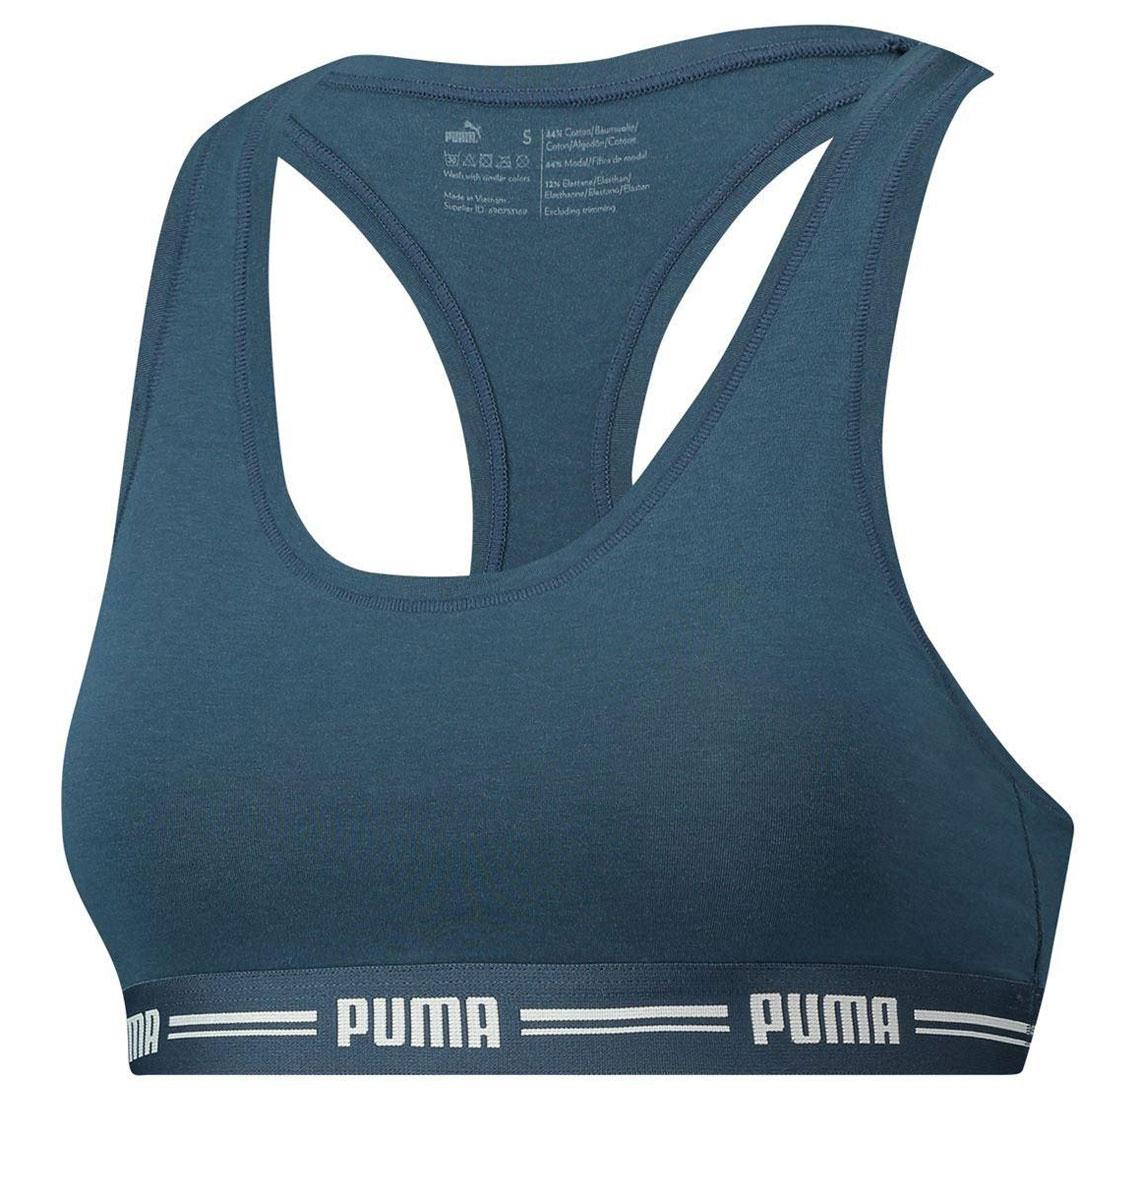 Топ-бра женский Puma Iconic Racer Back Bra 1, цвет: синий. 90688905. Размер XS (40/42)90688905Спортивный топ-бра Puma Iconic Racer Back Bra 1 выполнен из высококачественного эластичного материала. Модель на не регулируемых по длине бретелях имеет широкий эластичный пояс, который обеспечивает бережную поддержку. Широкие бретельки и спинка-борцовка надежно фиксируют топ на плечах.